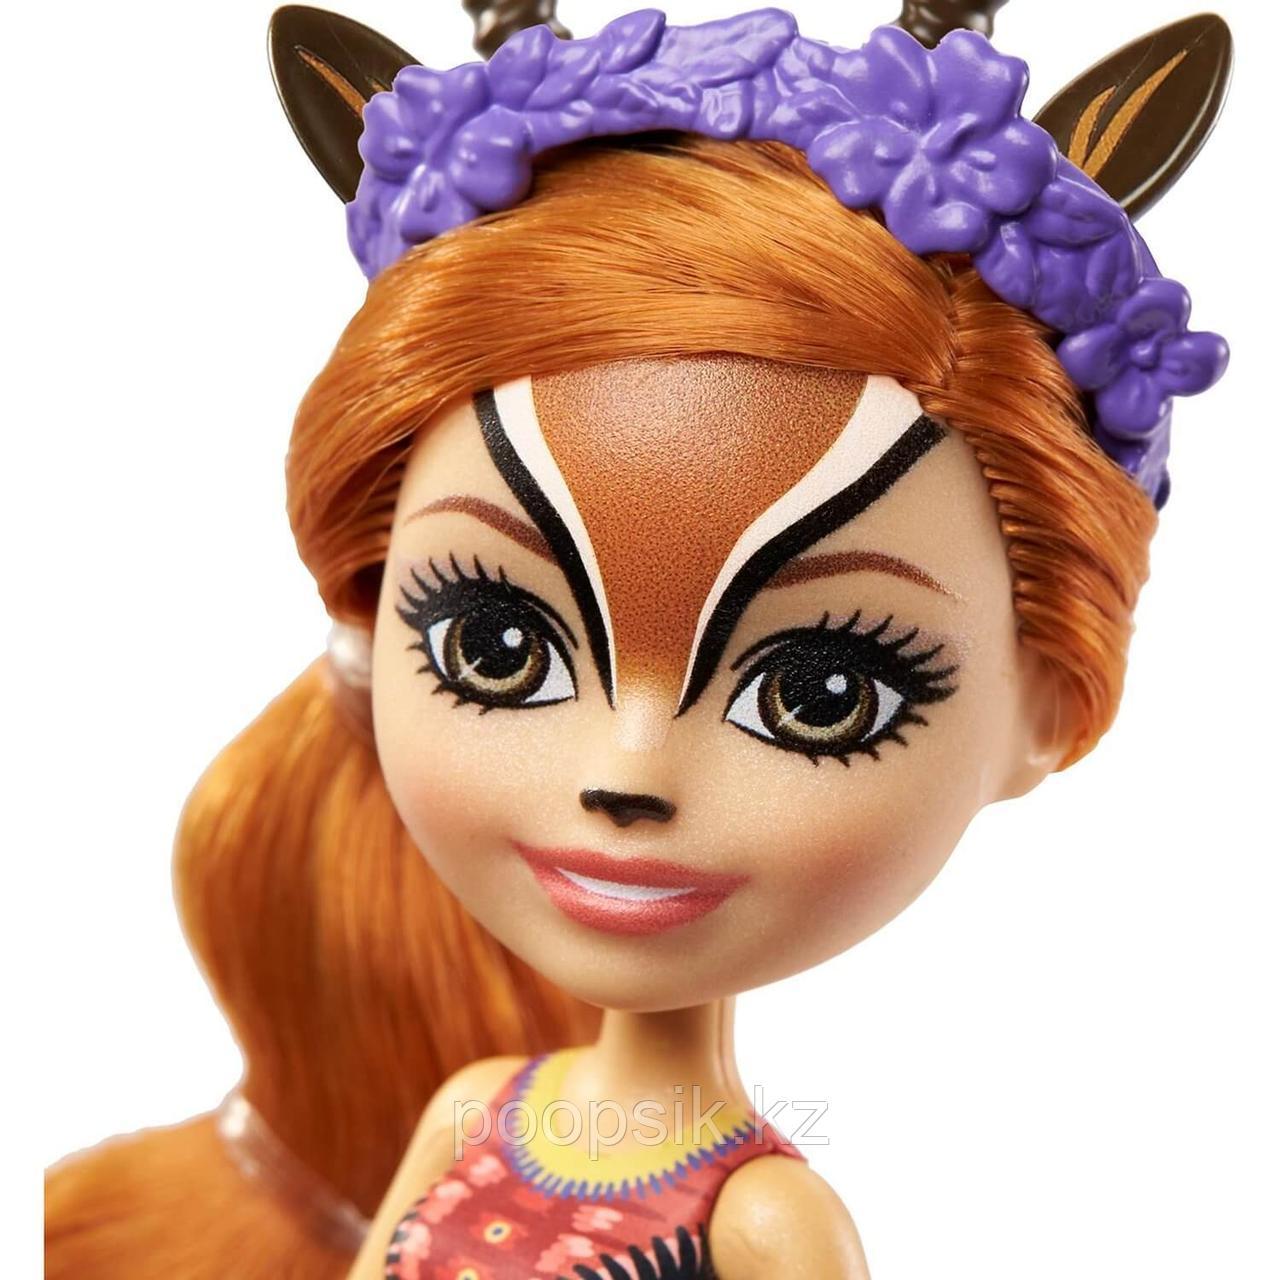 Кукла Enchantimals Газель Габриелла и питомец Рейсер - фото 4